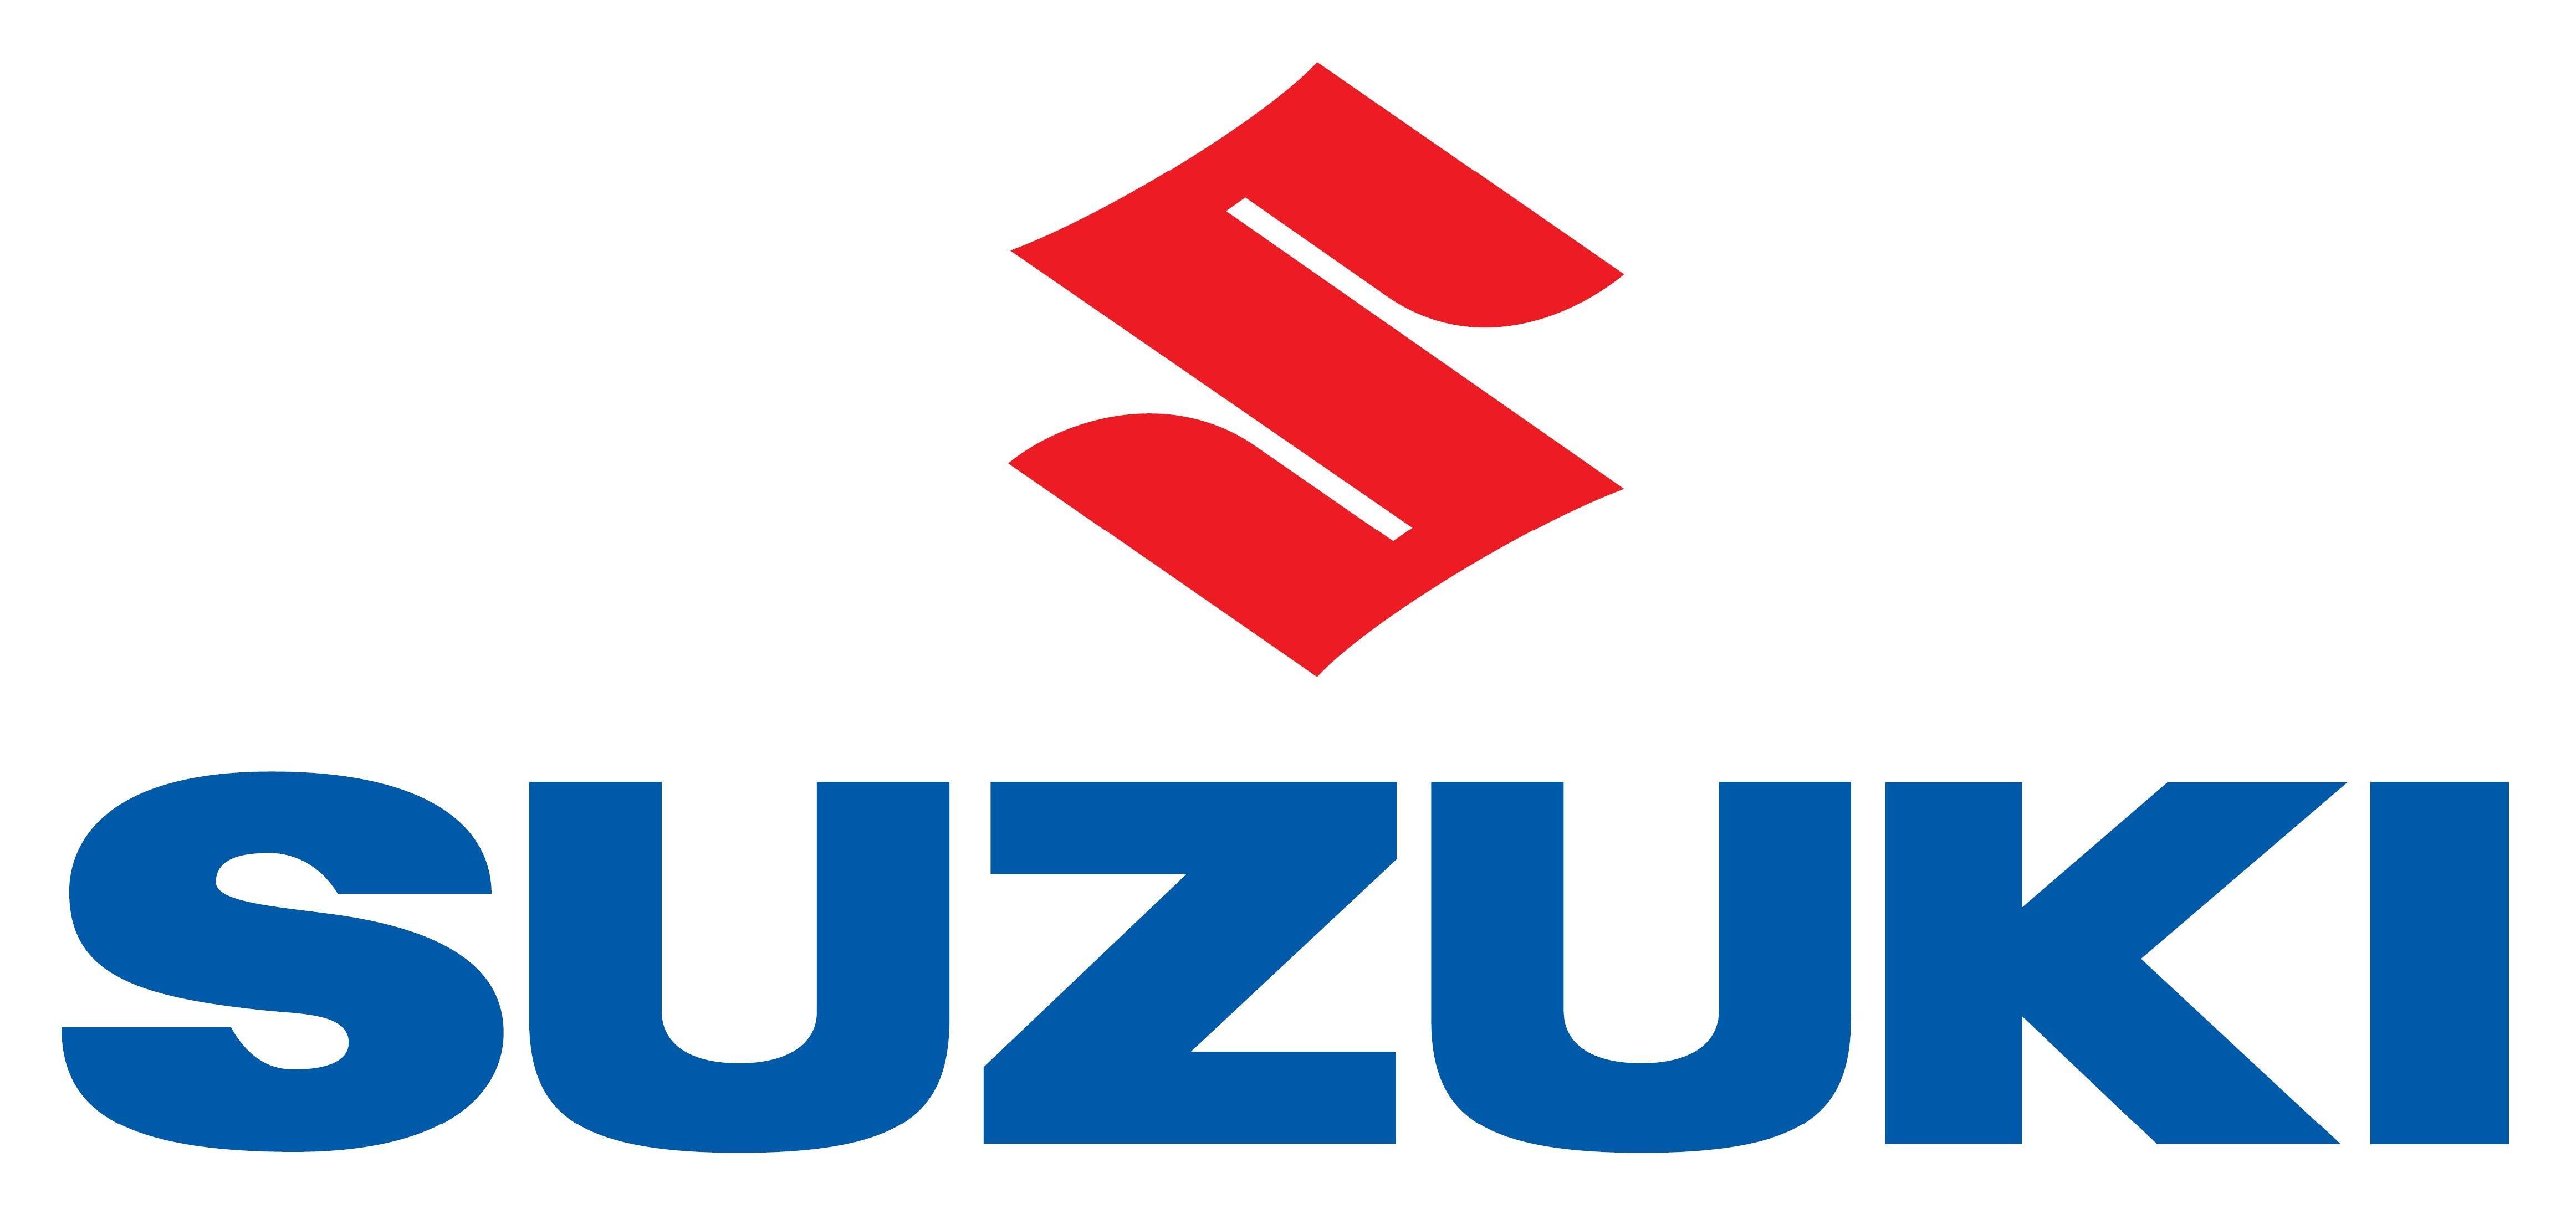 فروش نقدی و اقساطی سوزوکی گرندویتارا